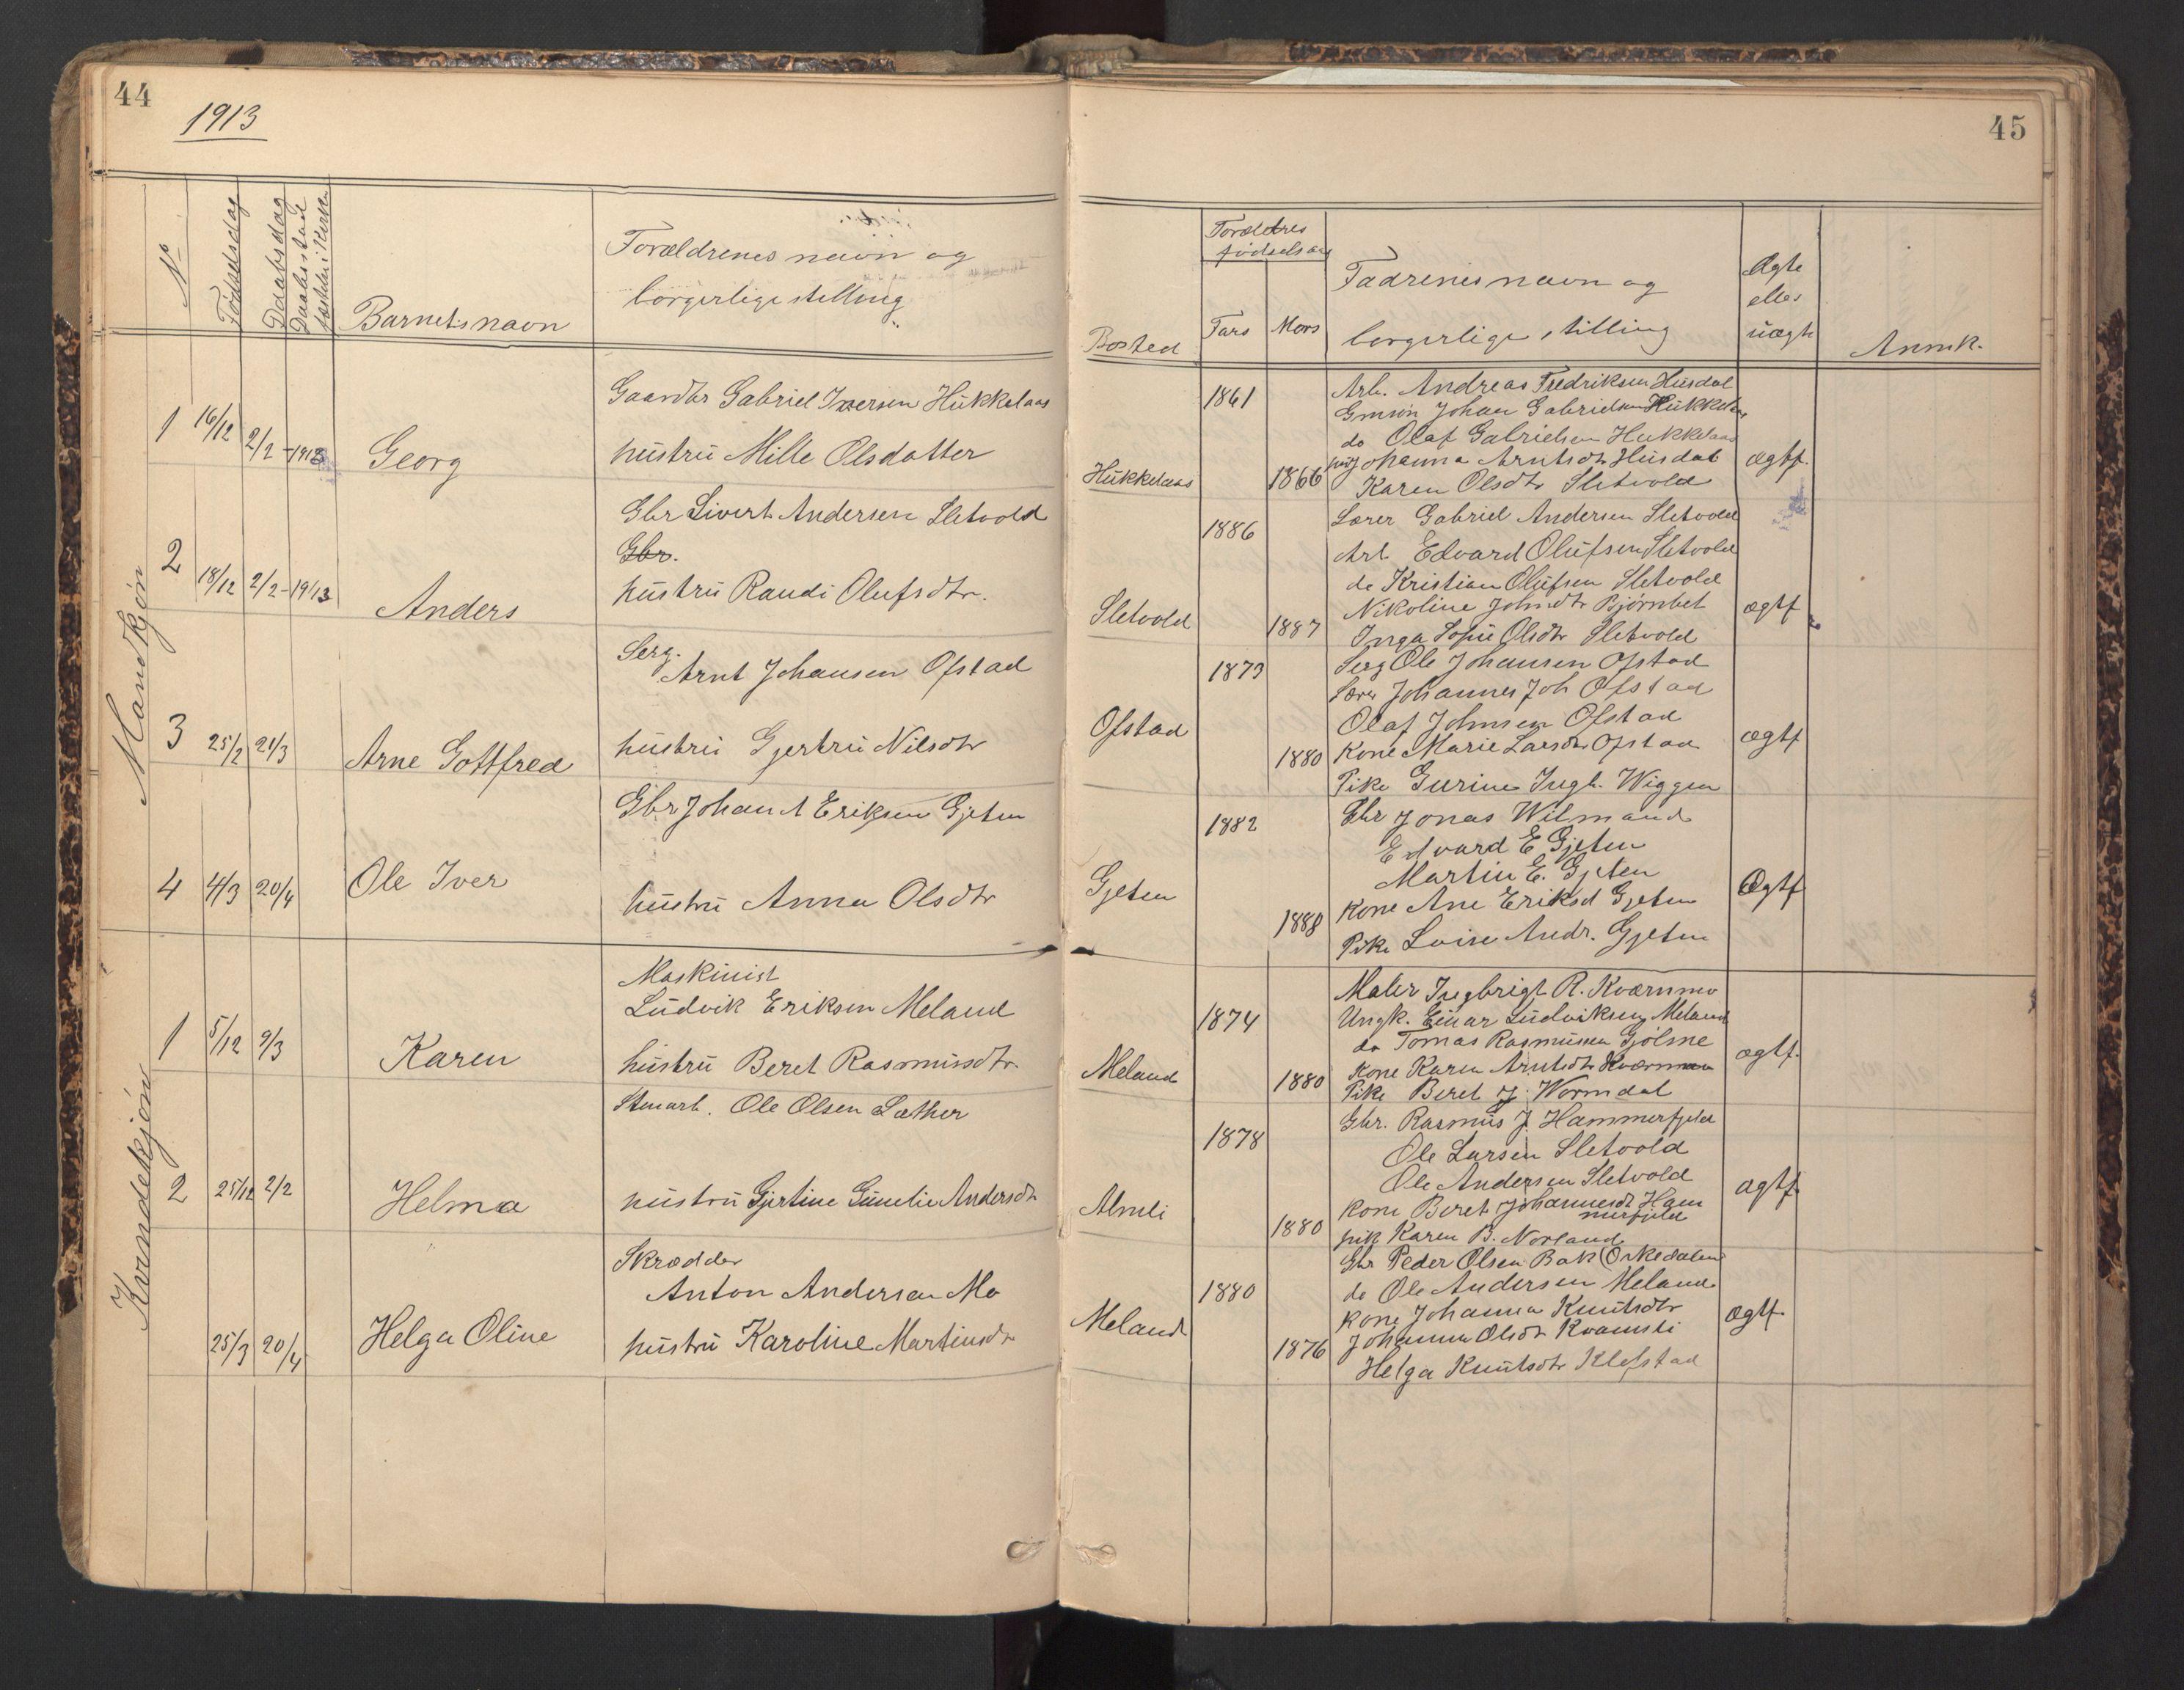 SAT, Ministerialprotokoller, klokkerbøker og fødselsregistre - Sør-Trøndelag, 670/L0837: Klokkerbok nr. 670C01, 1905-1946, s. 44-45